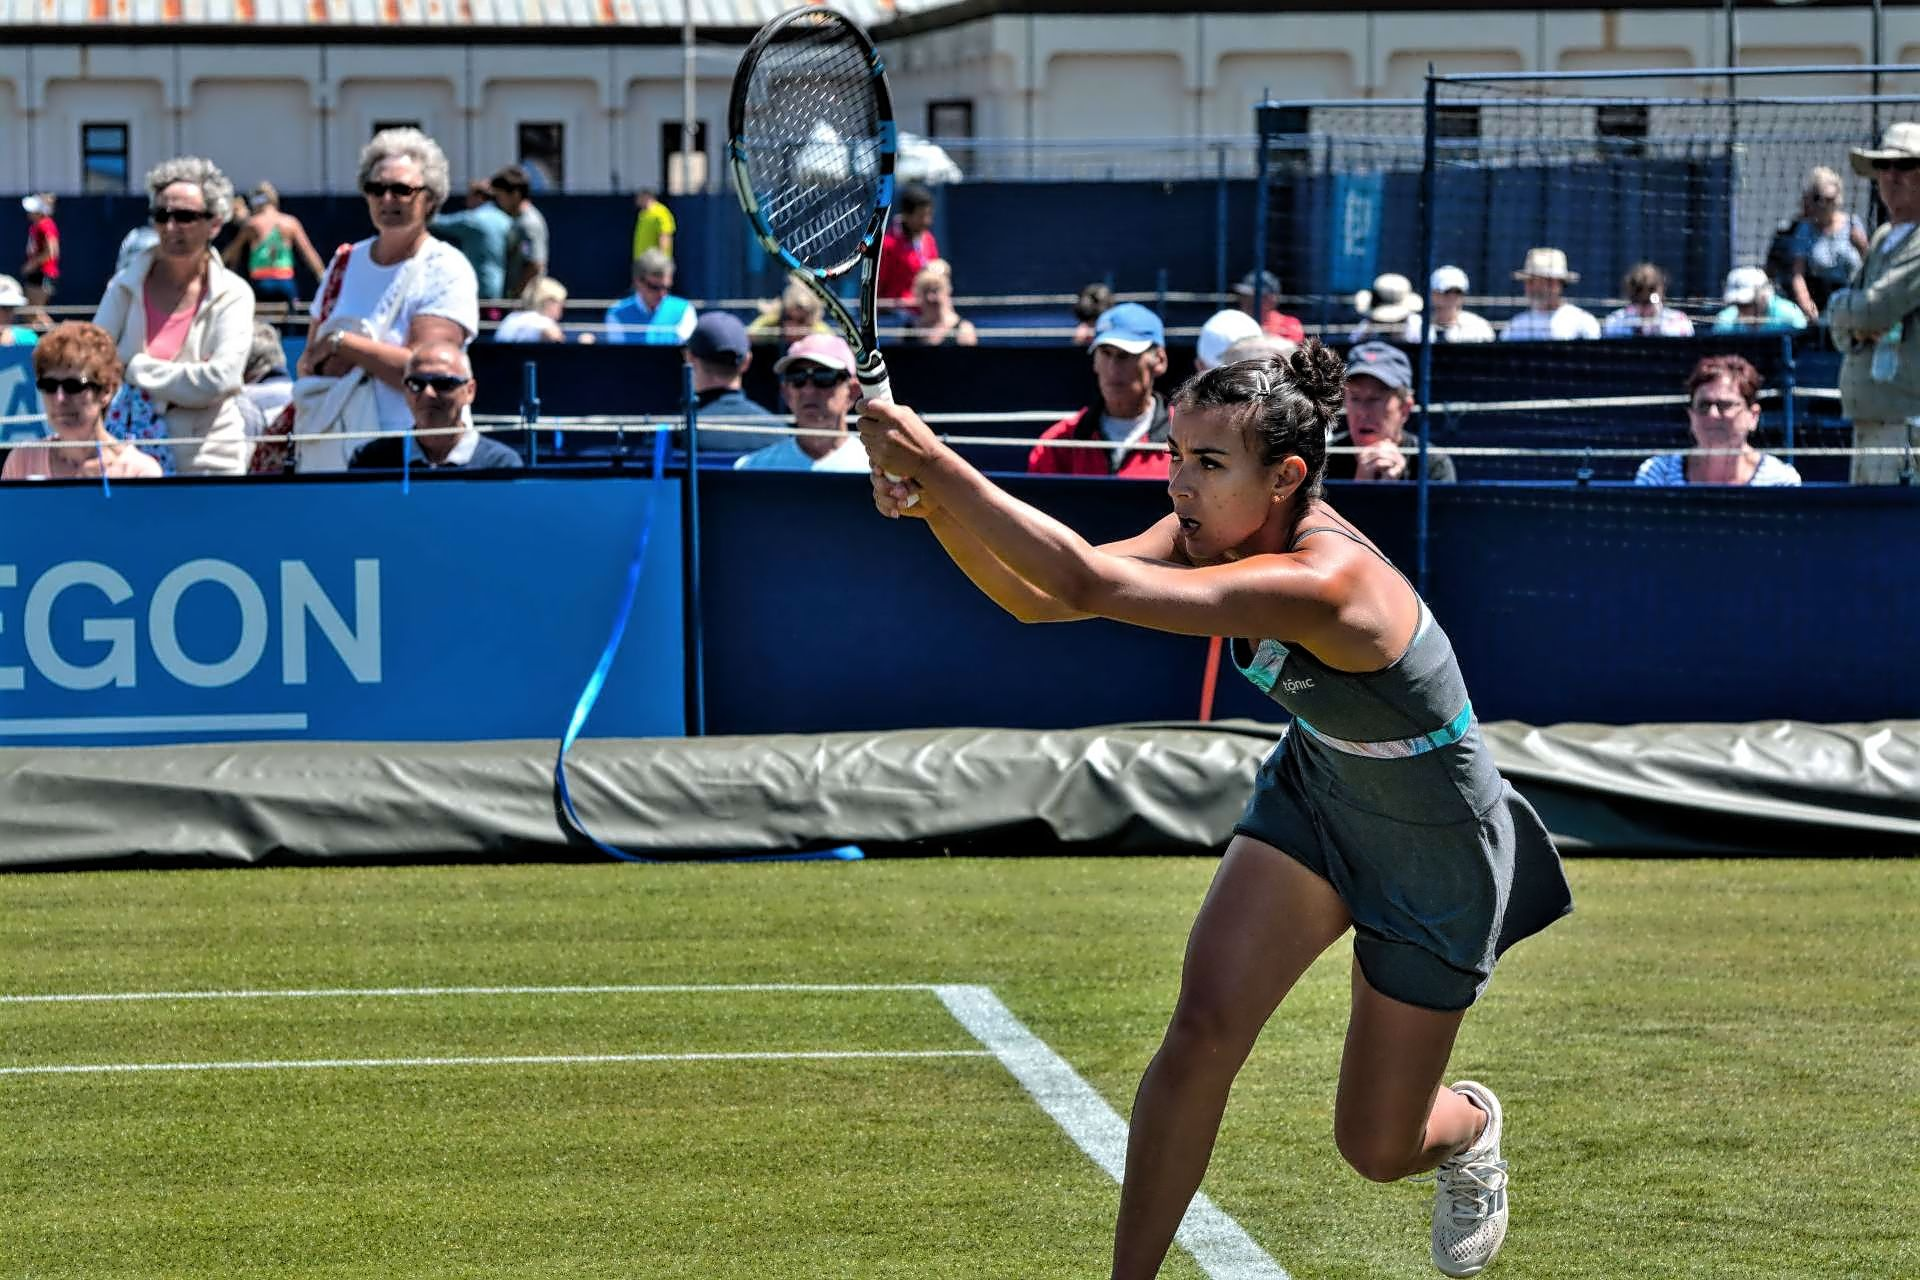 Tennis action 4 by ianstandivan